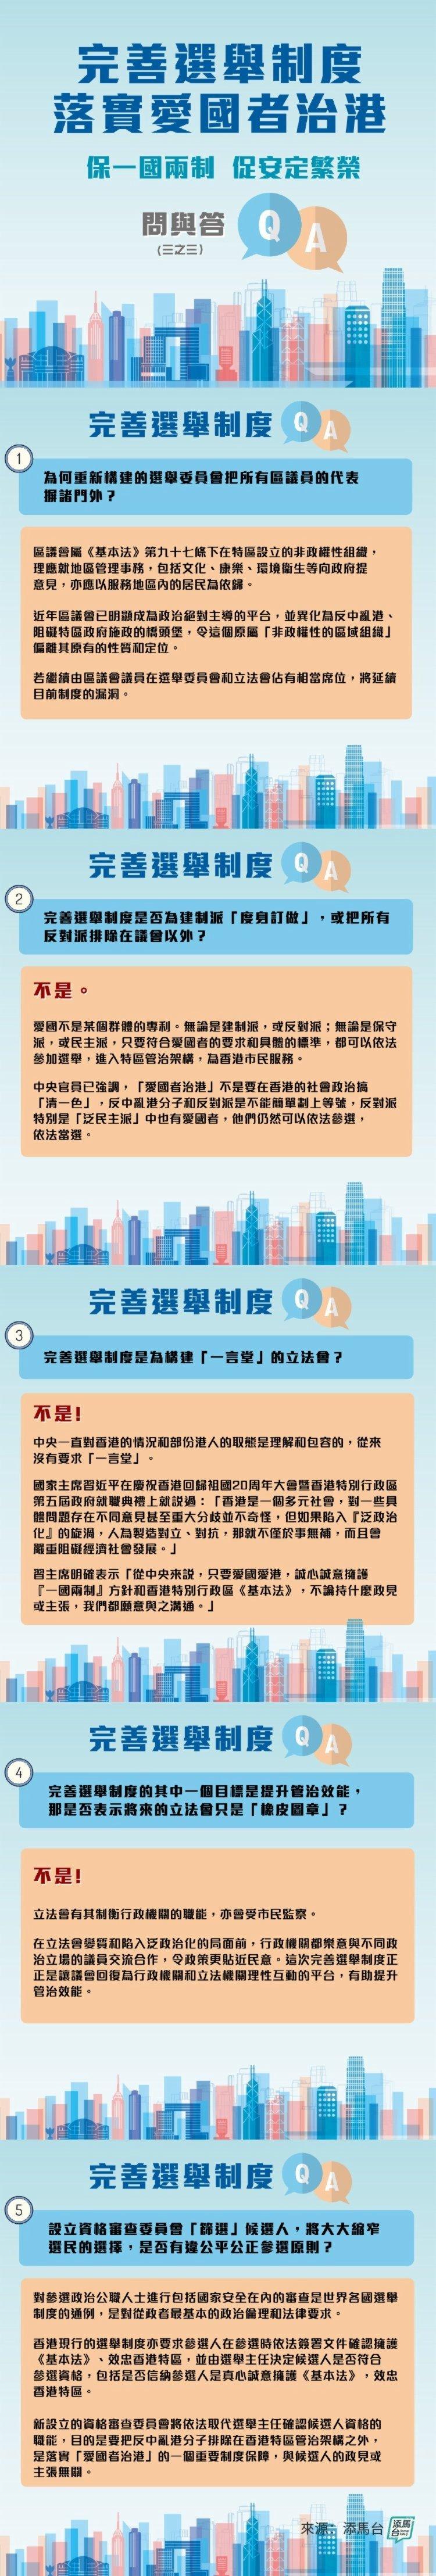 完善香港選舉制度 提升管治效能